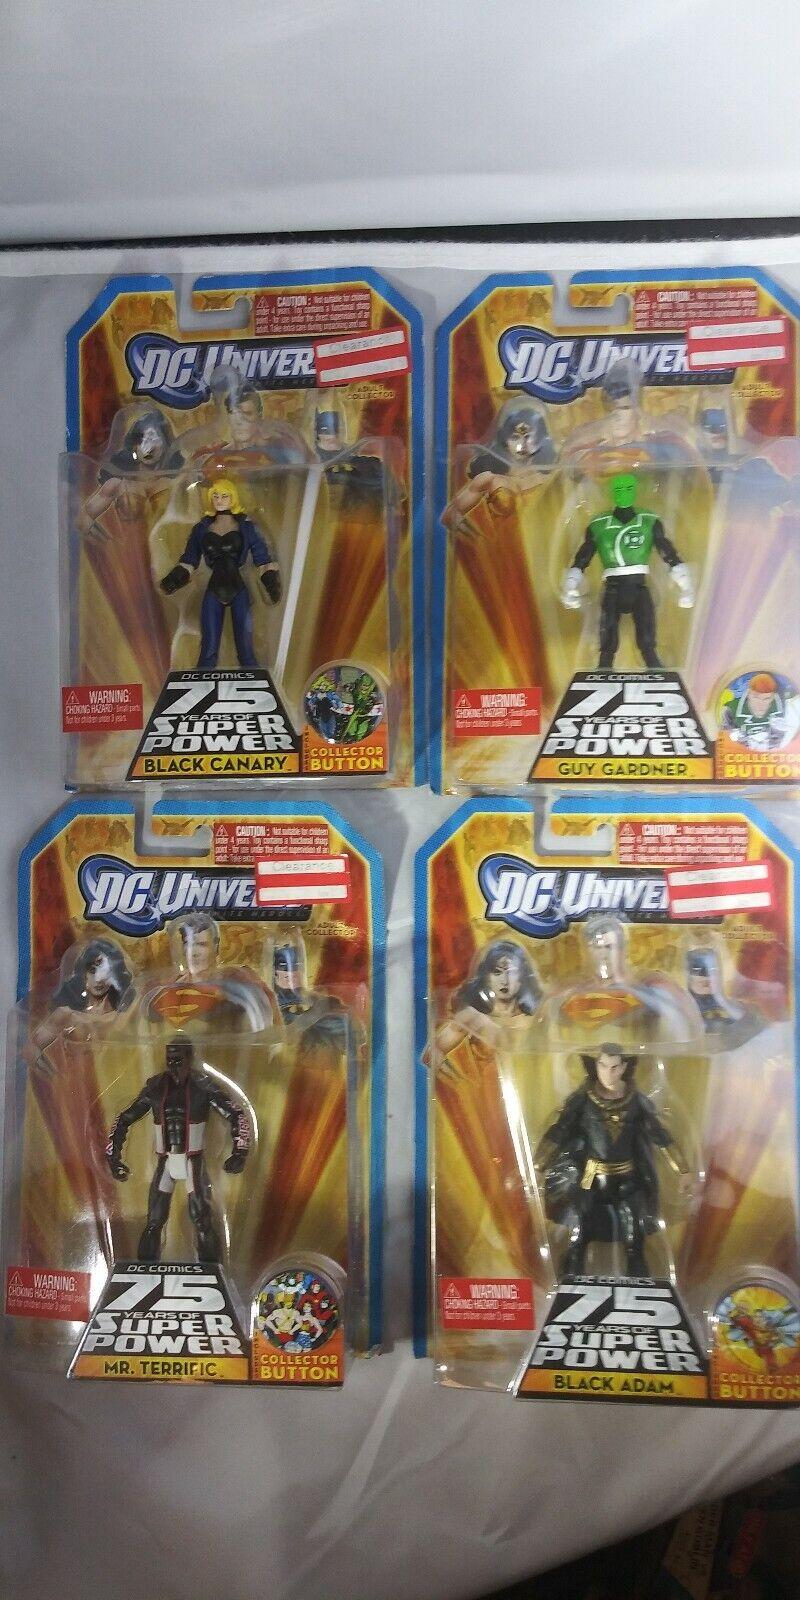 DC universo de 75 años de poder súper-juego de 4 Figuras De Acción